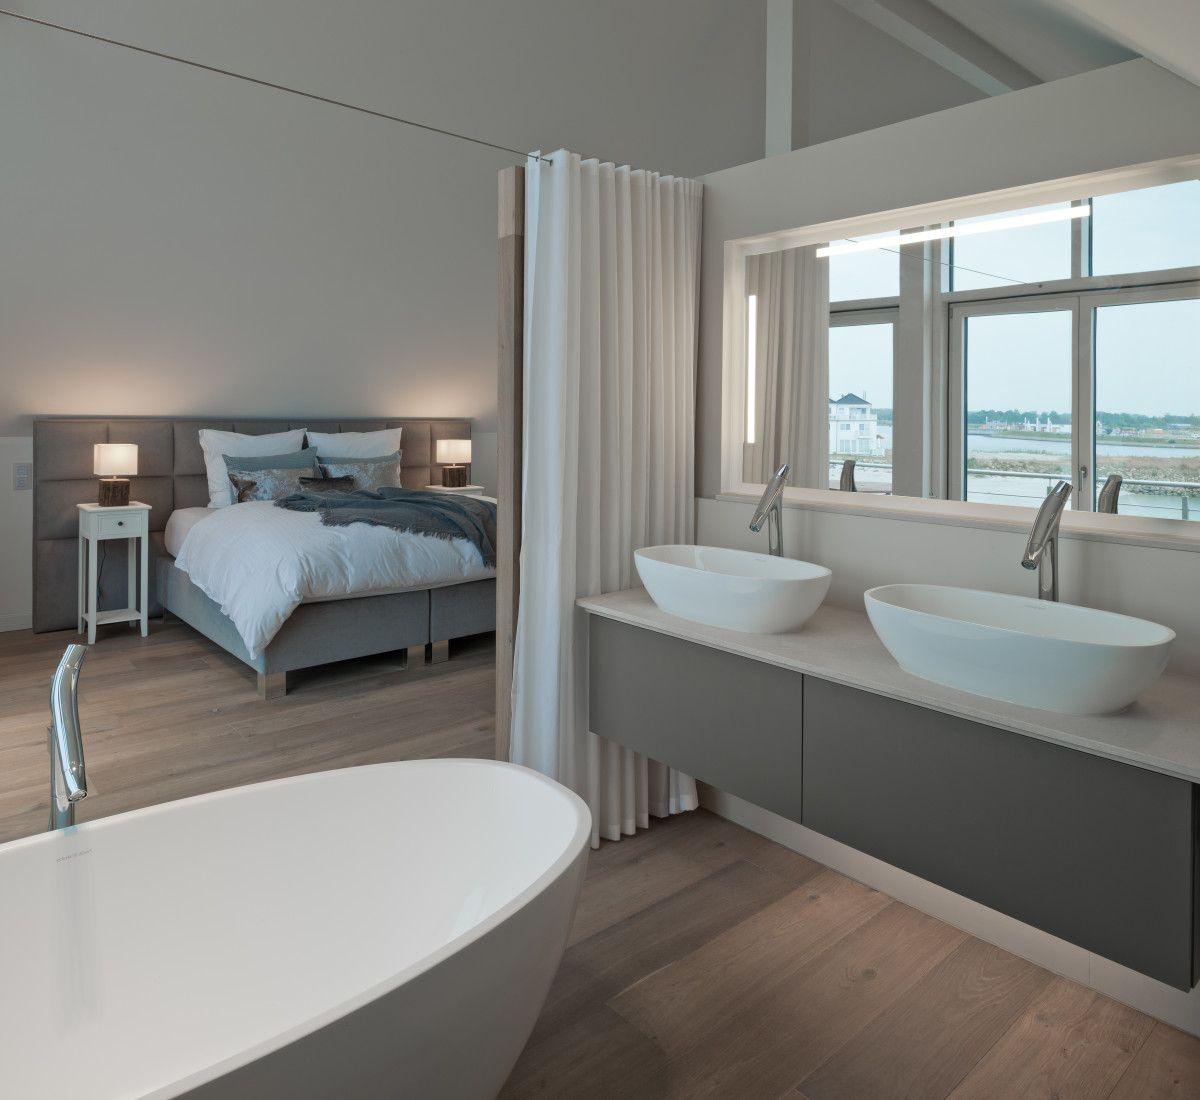 Minimalistisches Badezimmer Doppelwachbecken grau weiß Holz ...